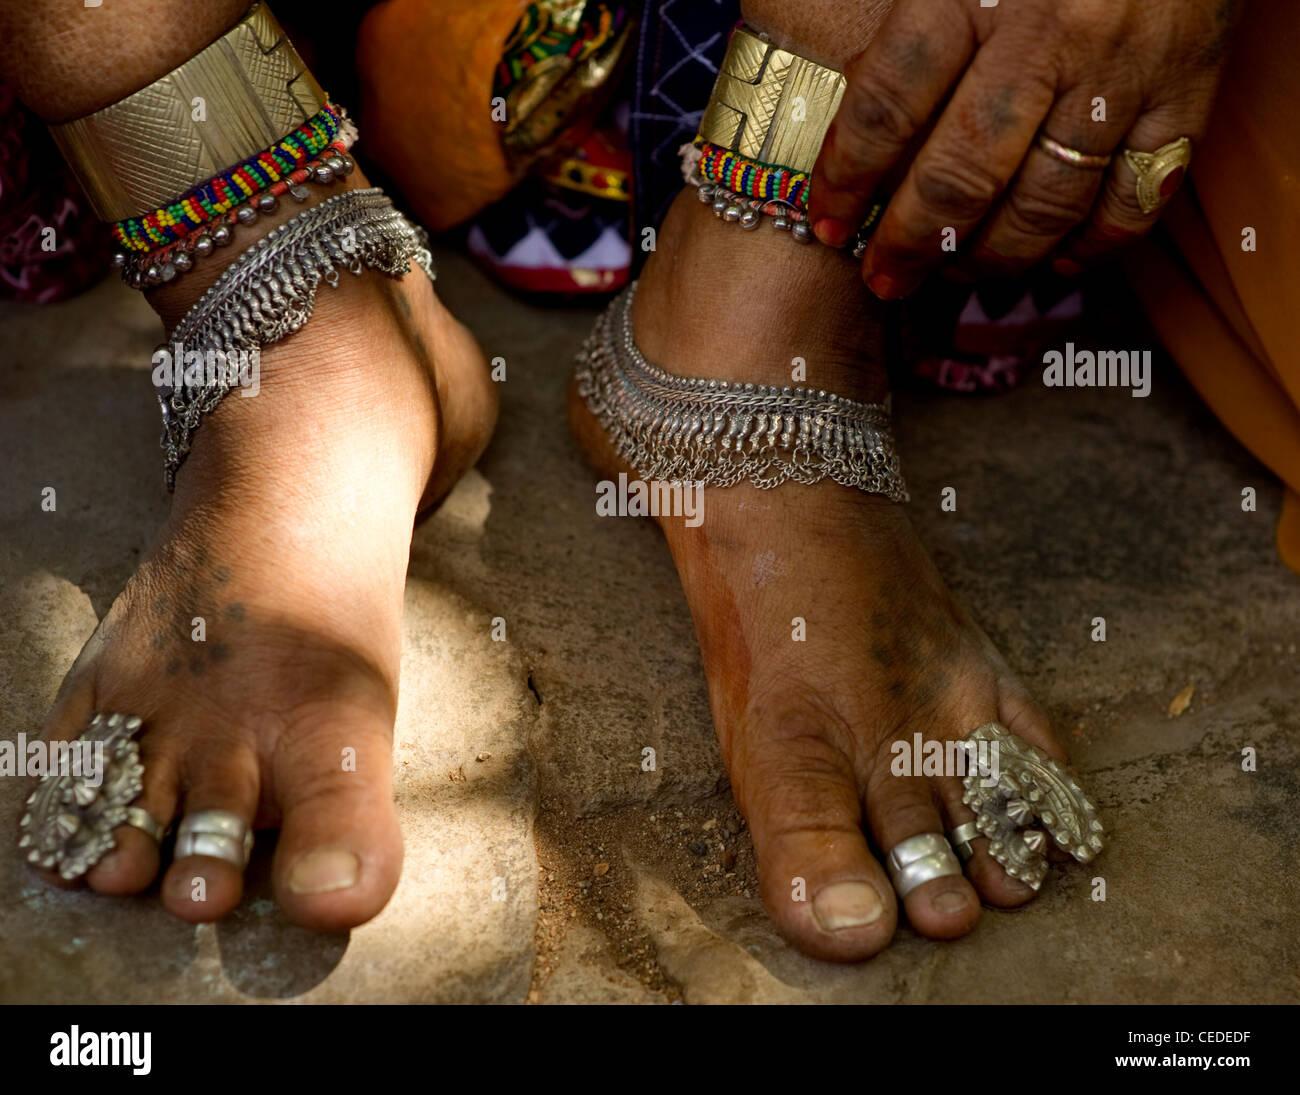 Lambani Lambani gypsy tribals - Stock Image